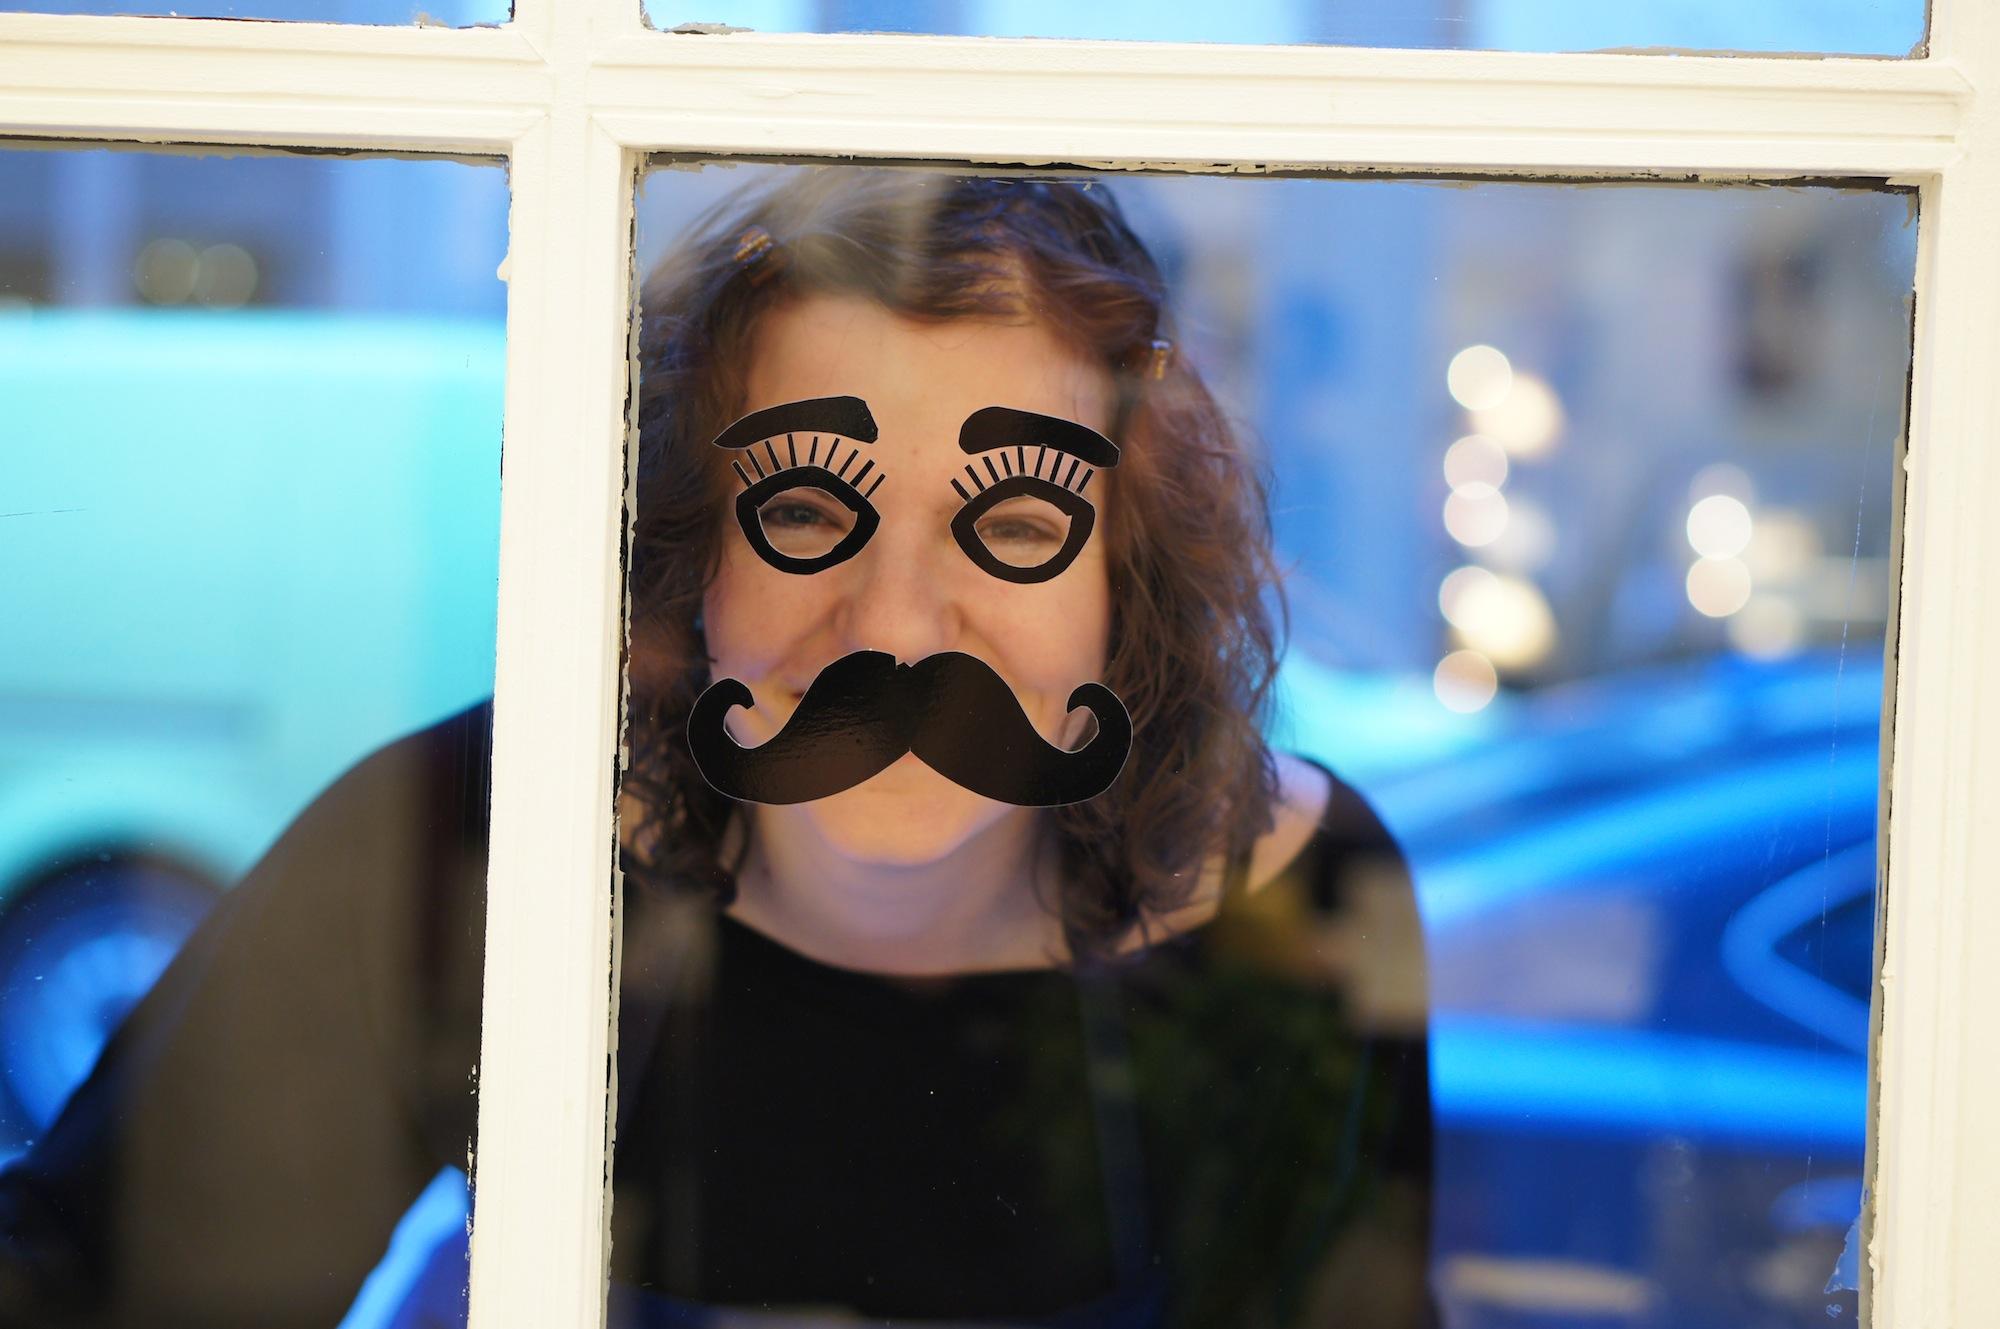 ulli moustache